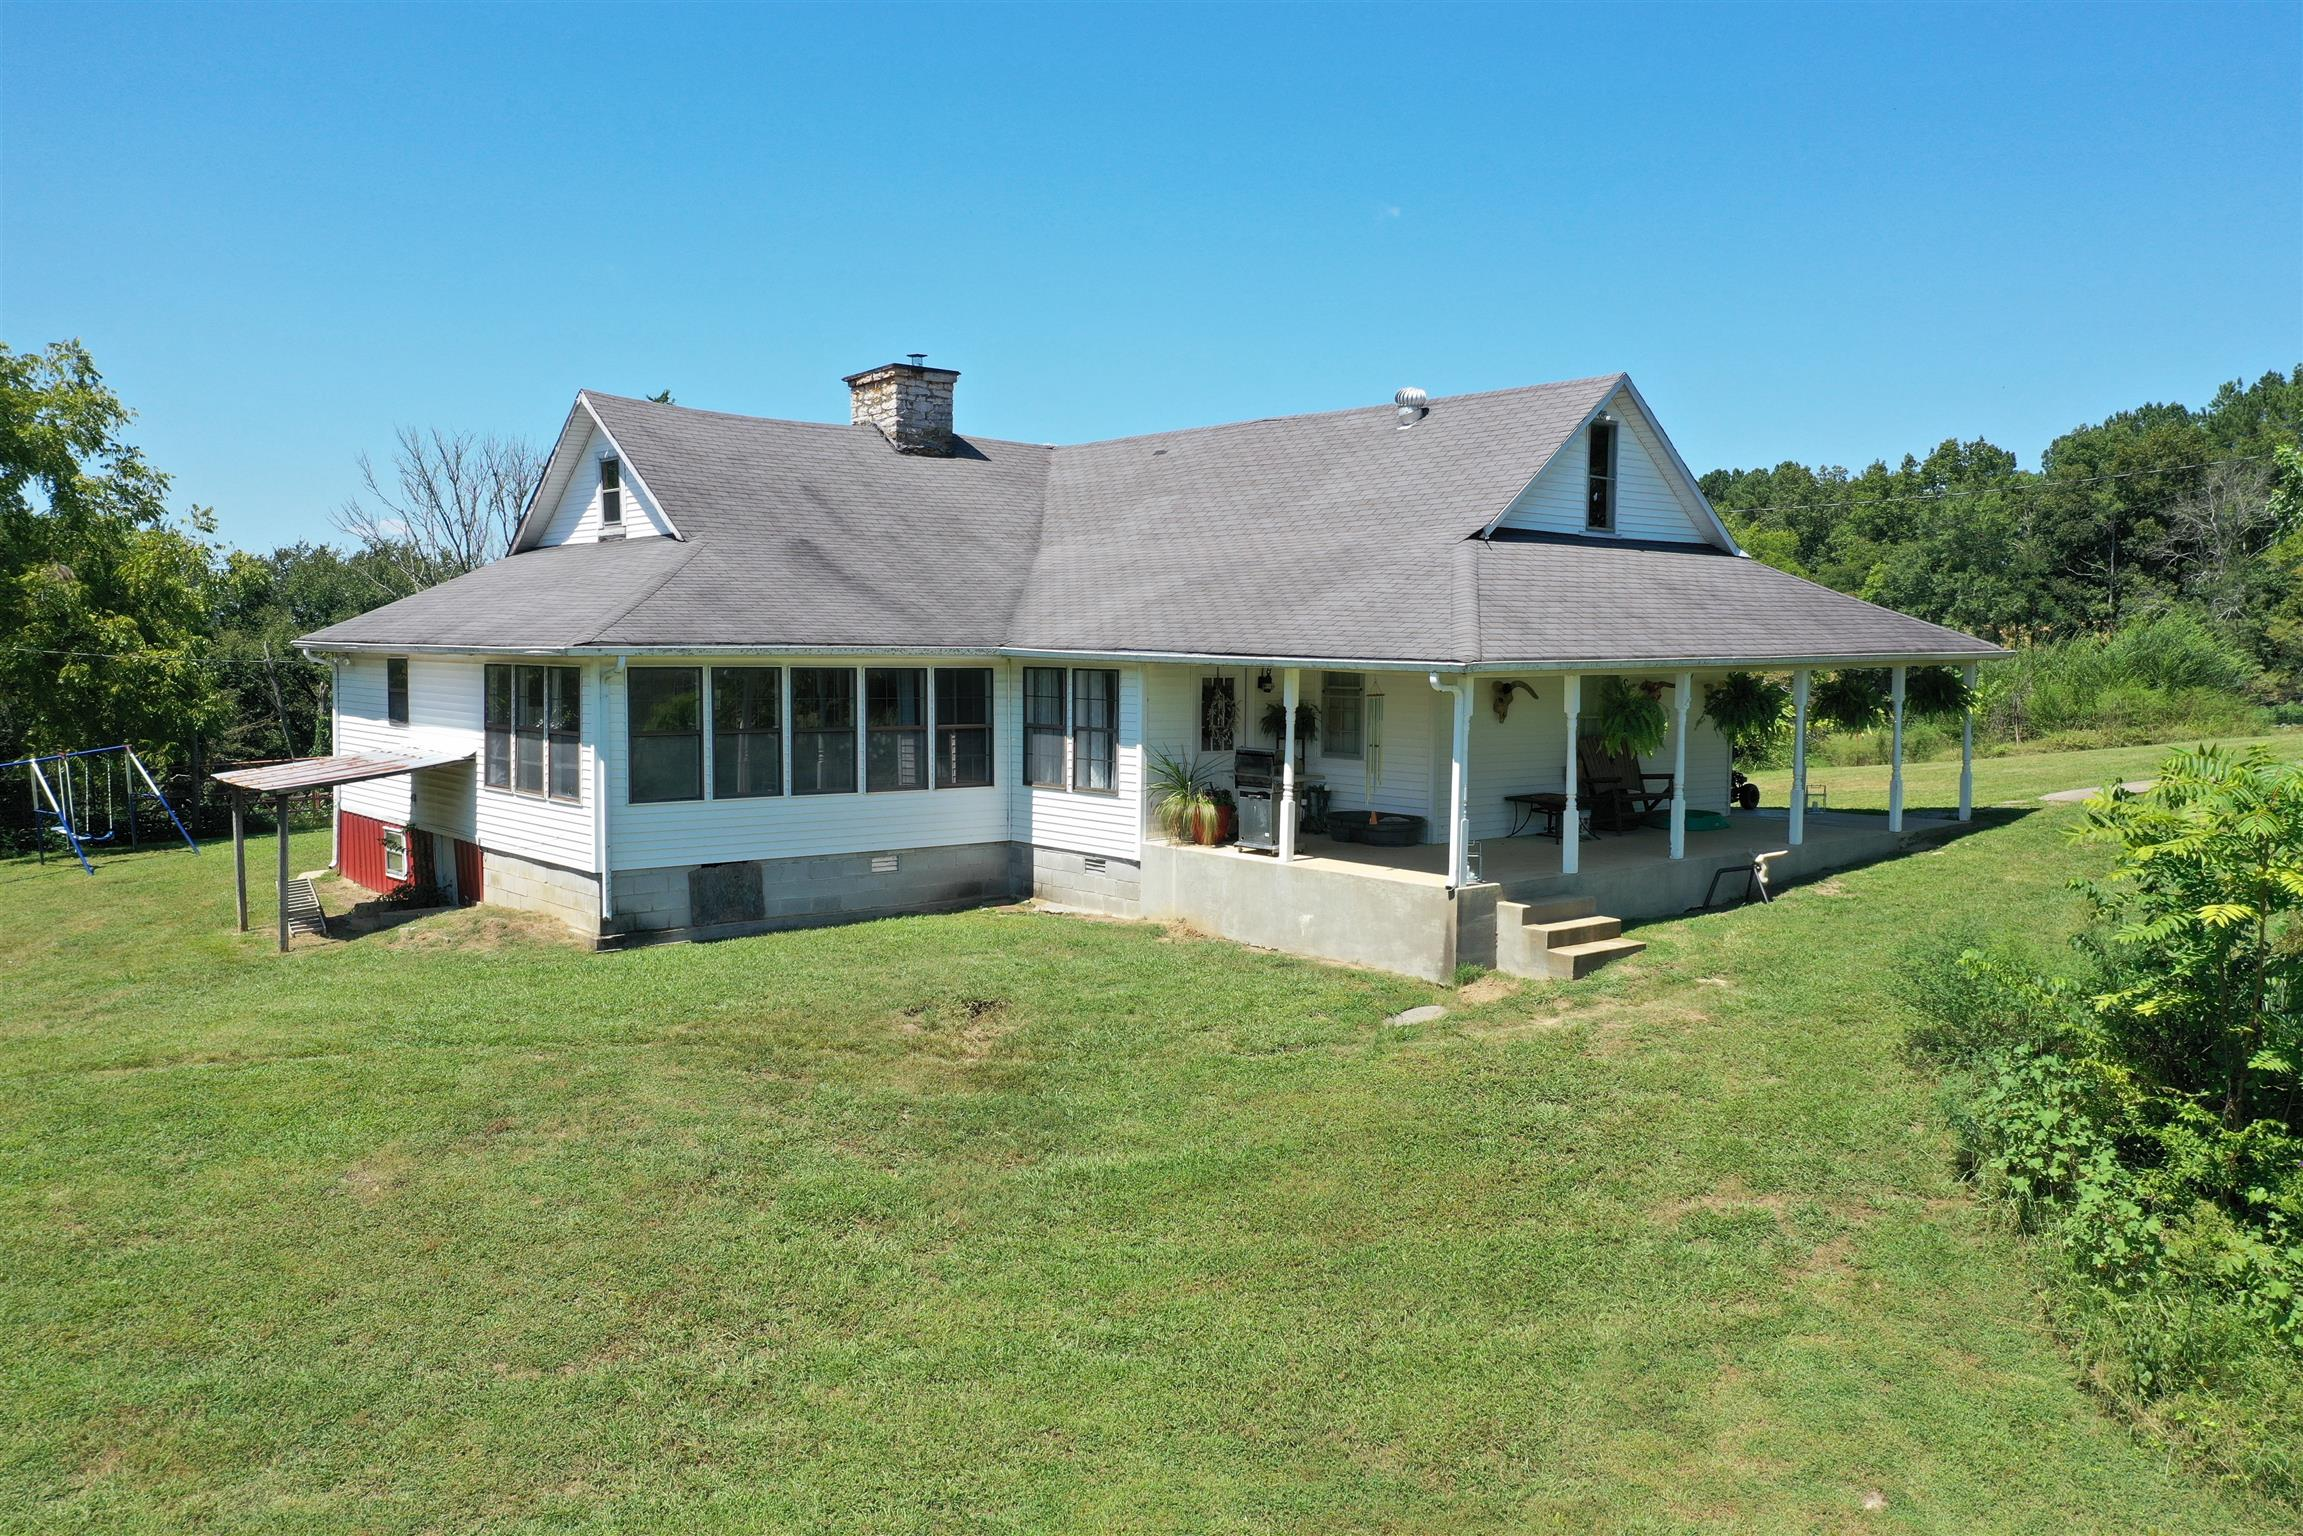 3304 Smyrna Church Rd, Culleoka, TN 38451 - Culleoka, TN real estate listing